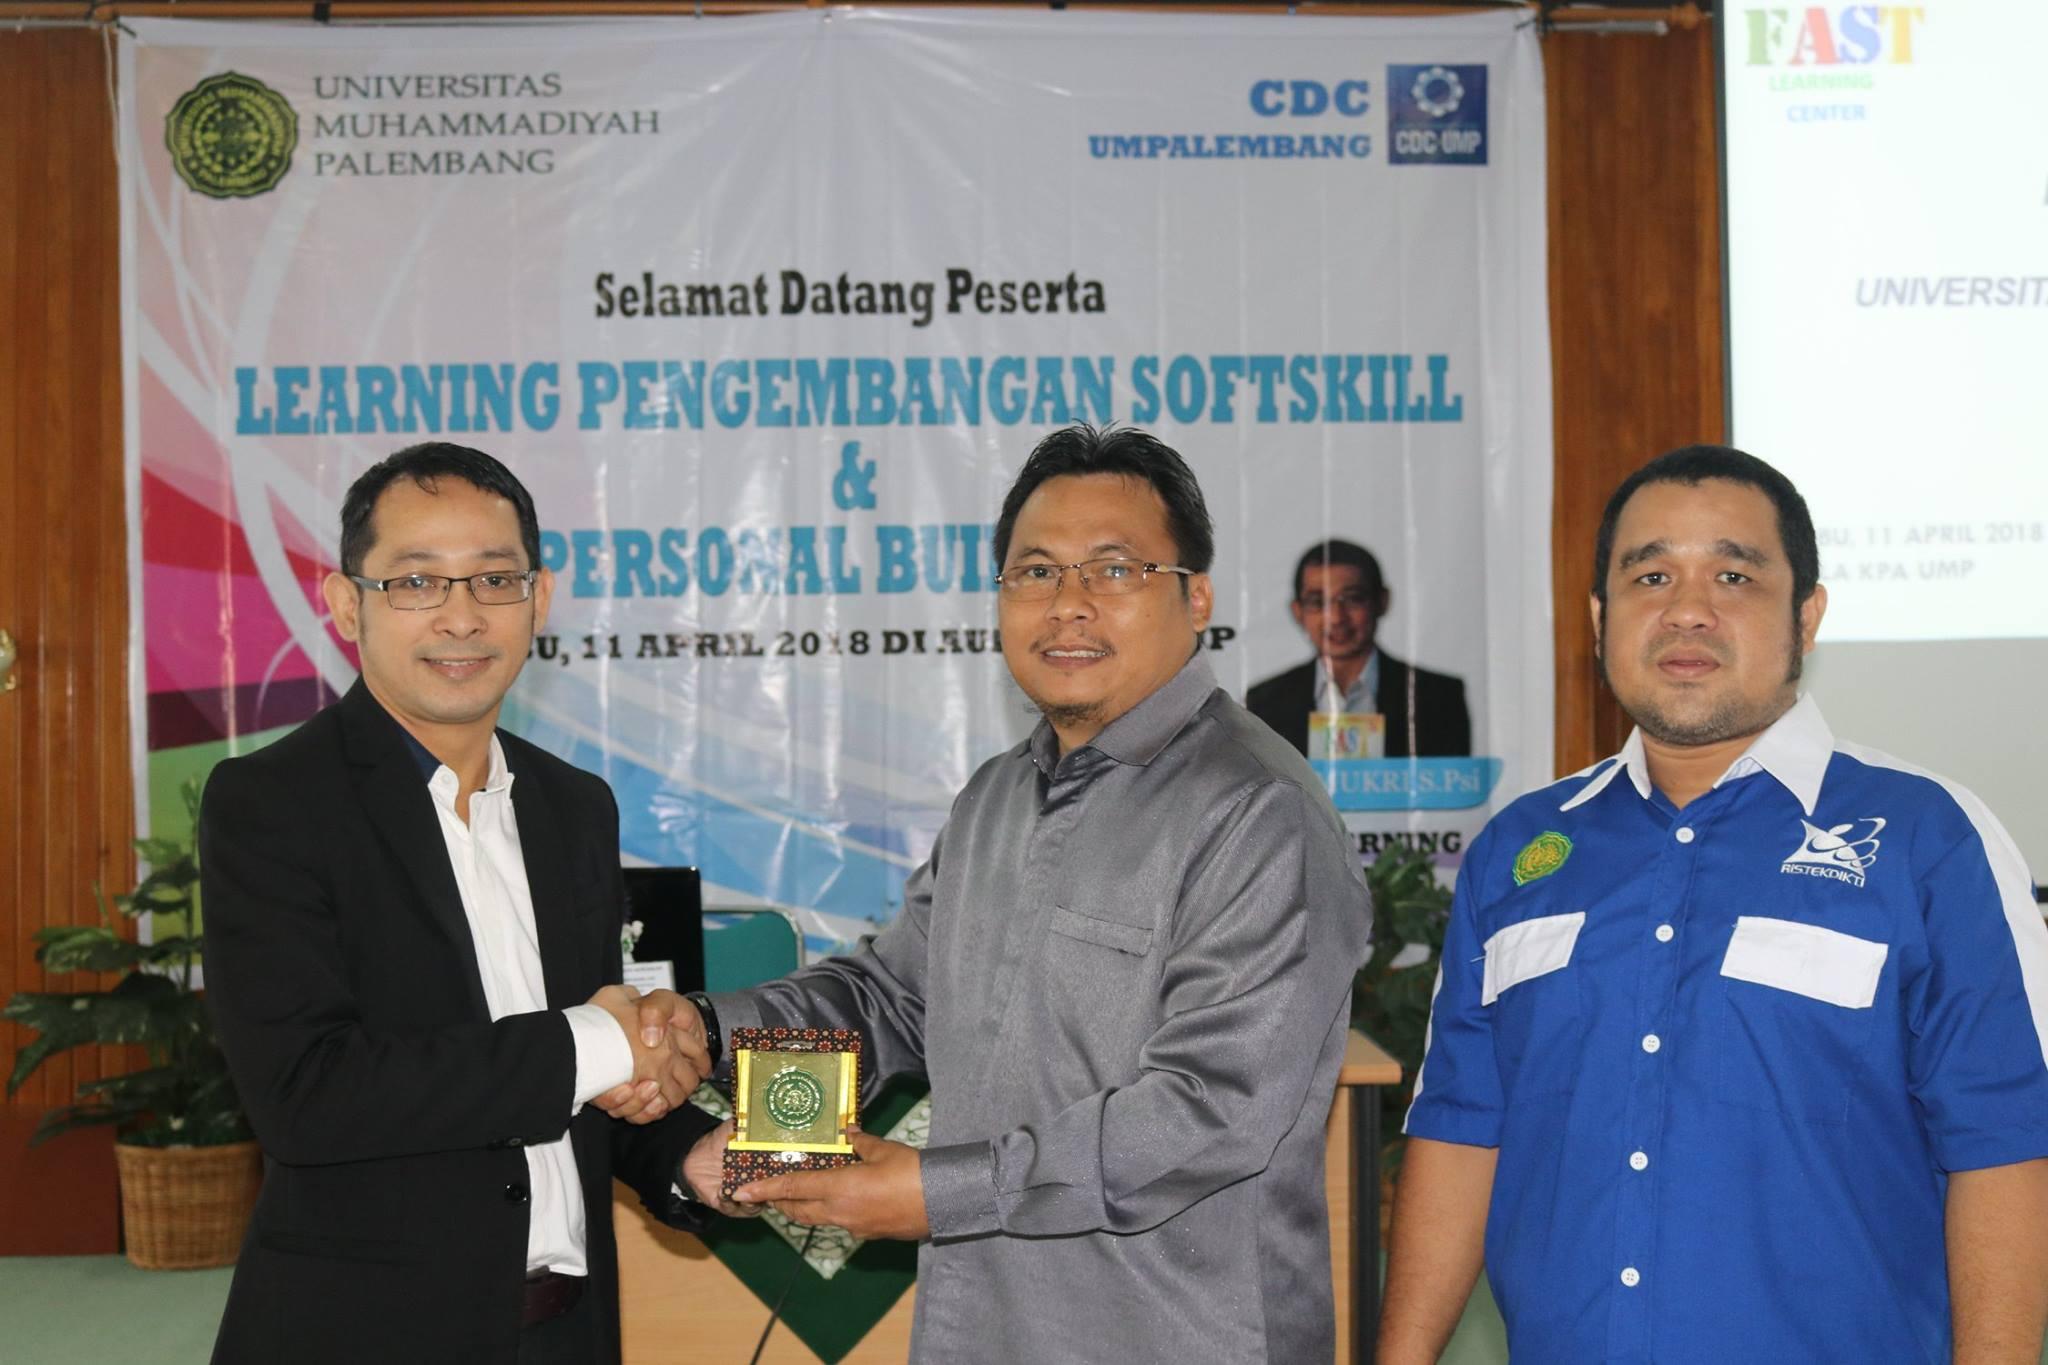 universitas-muhammadiyah-palembang-pascasarjana-005